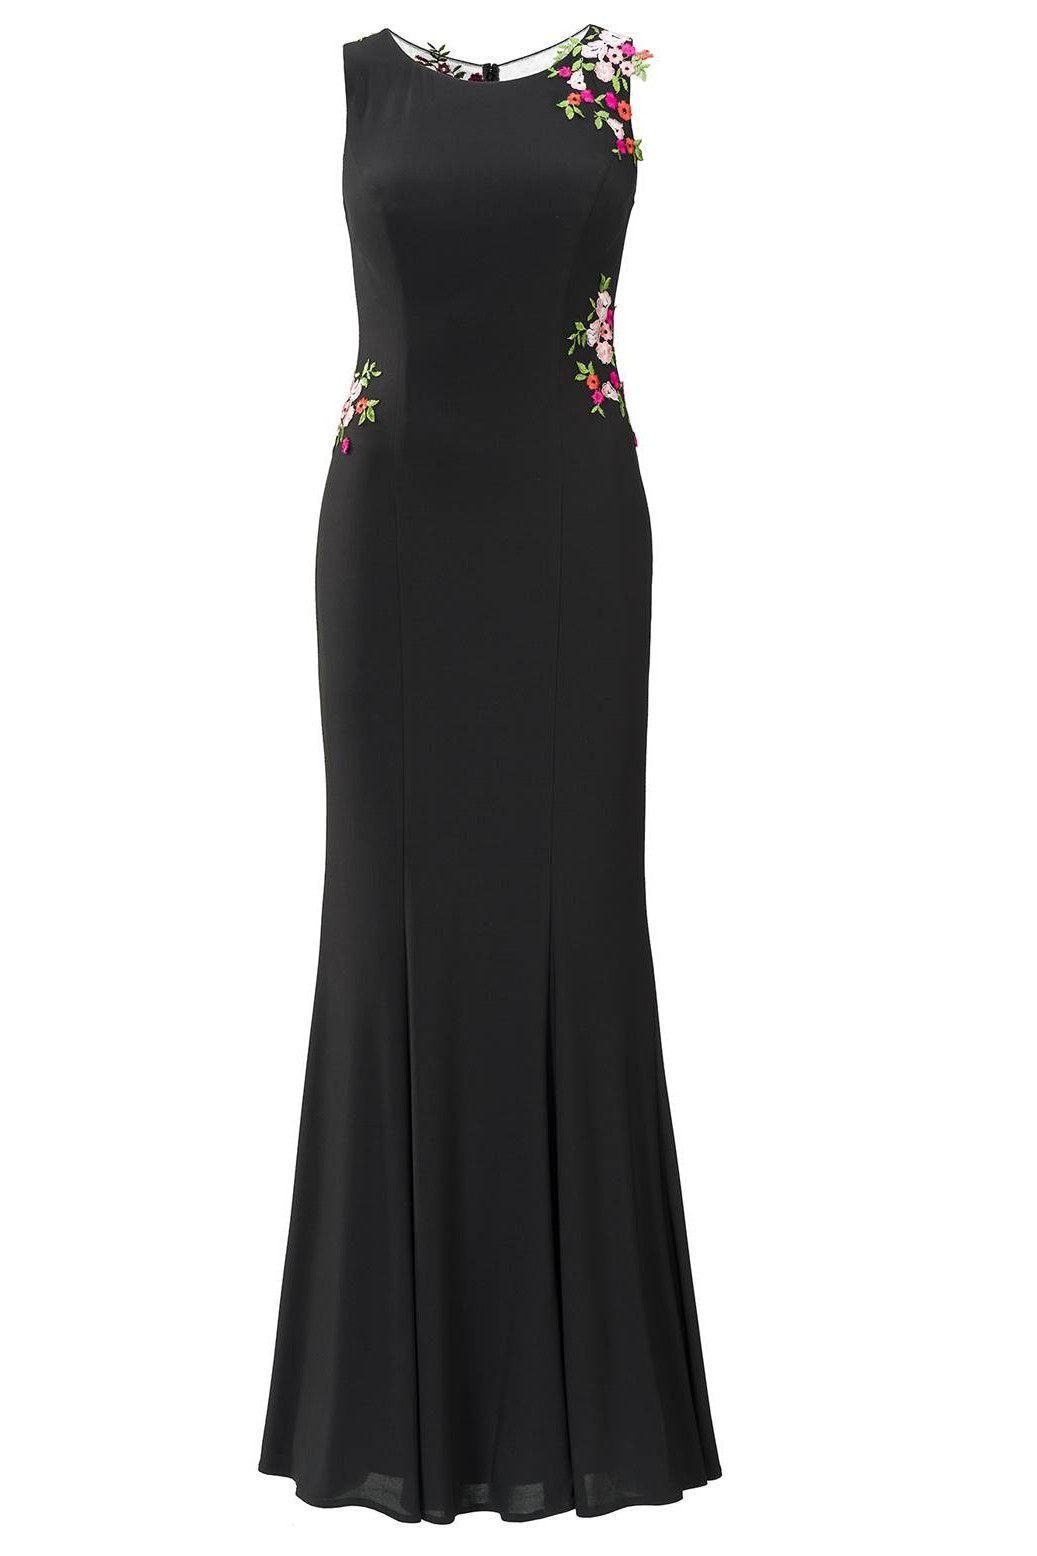 langes kleid schwarz stickerei rosera in 2020 | abendkleid